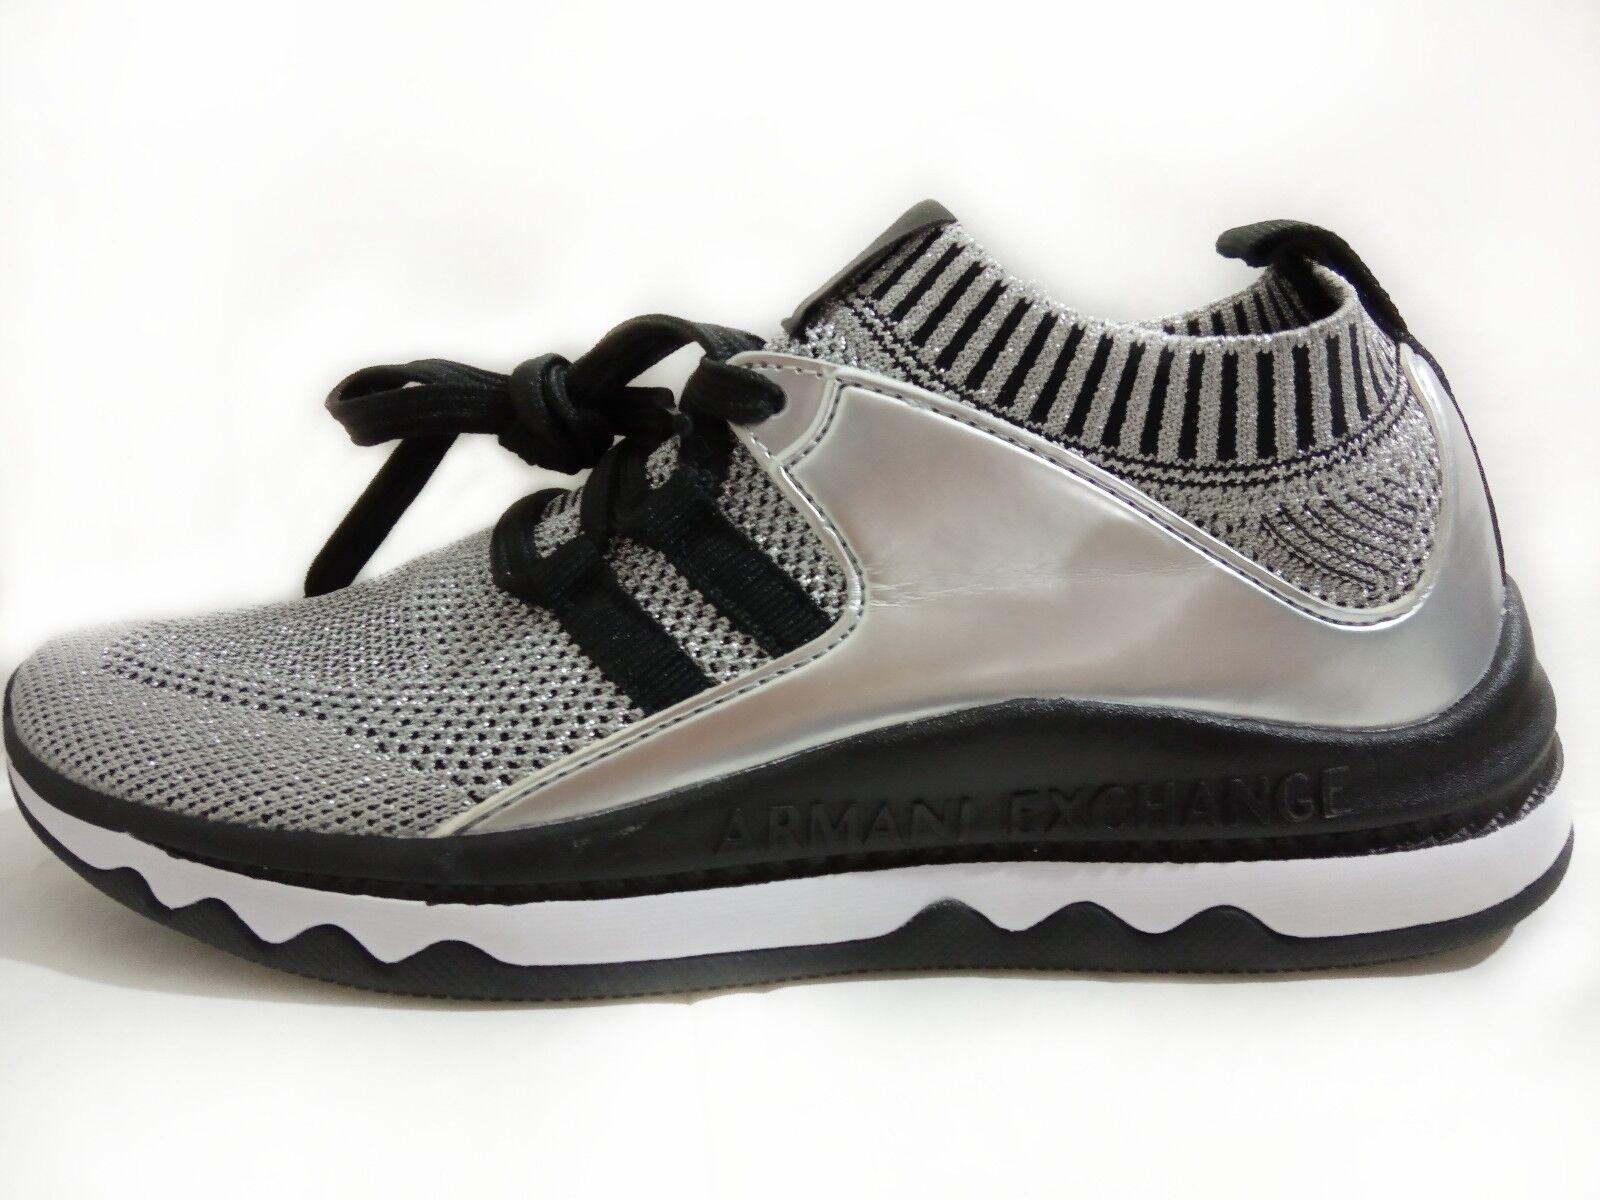 Armani Exchange Para mujeres Zapatos Lurex Sport Sport Sport Knit LOW TOP zapatillas nwtwob de Plata 36  ¡envío gratis!